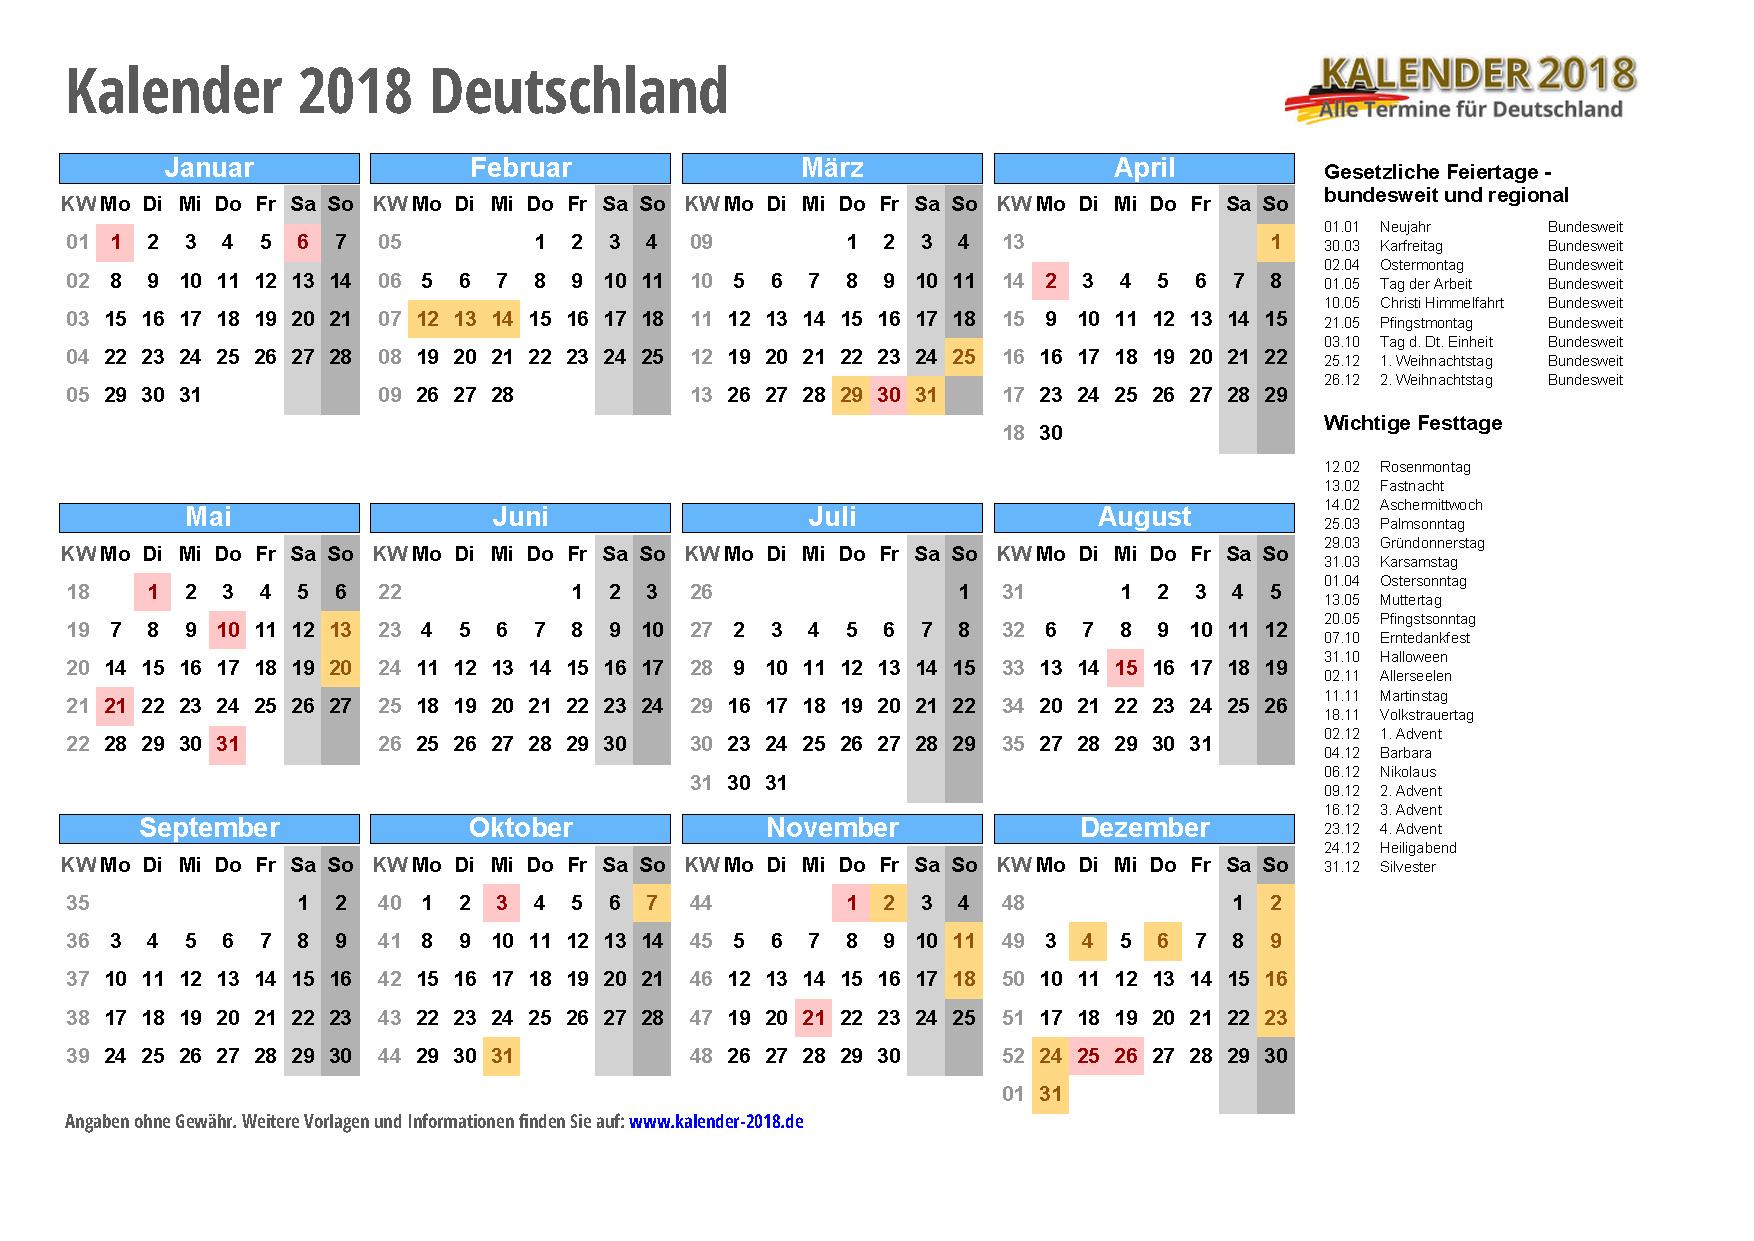 KALENDER 2018 mit Feiertagen - Ferien - Kalenderwochen